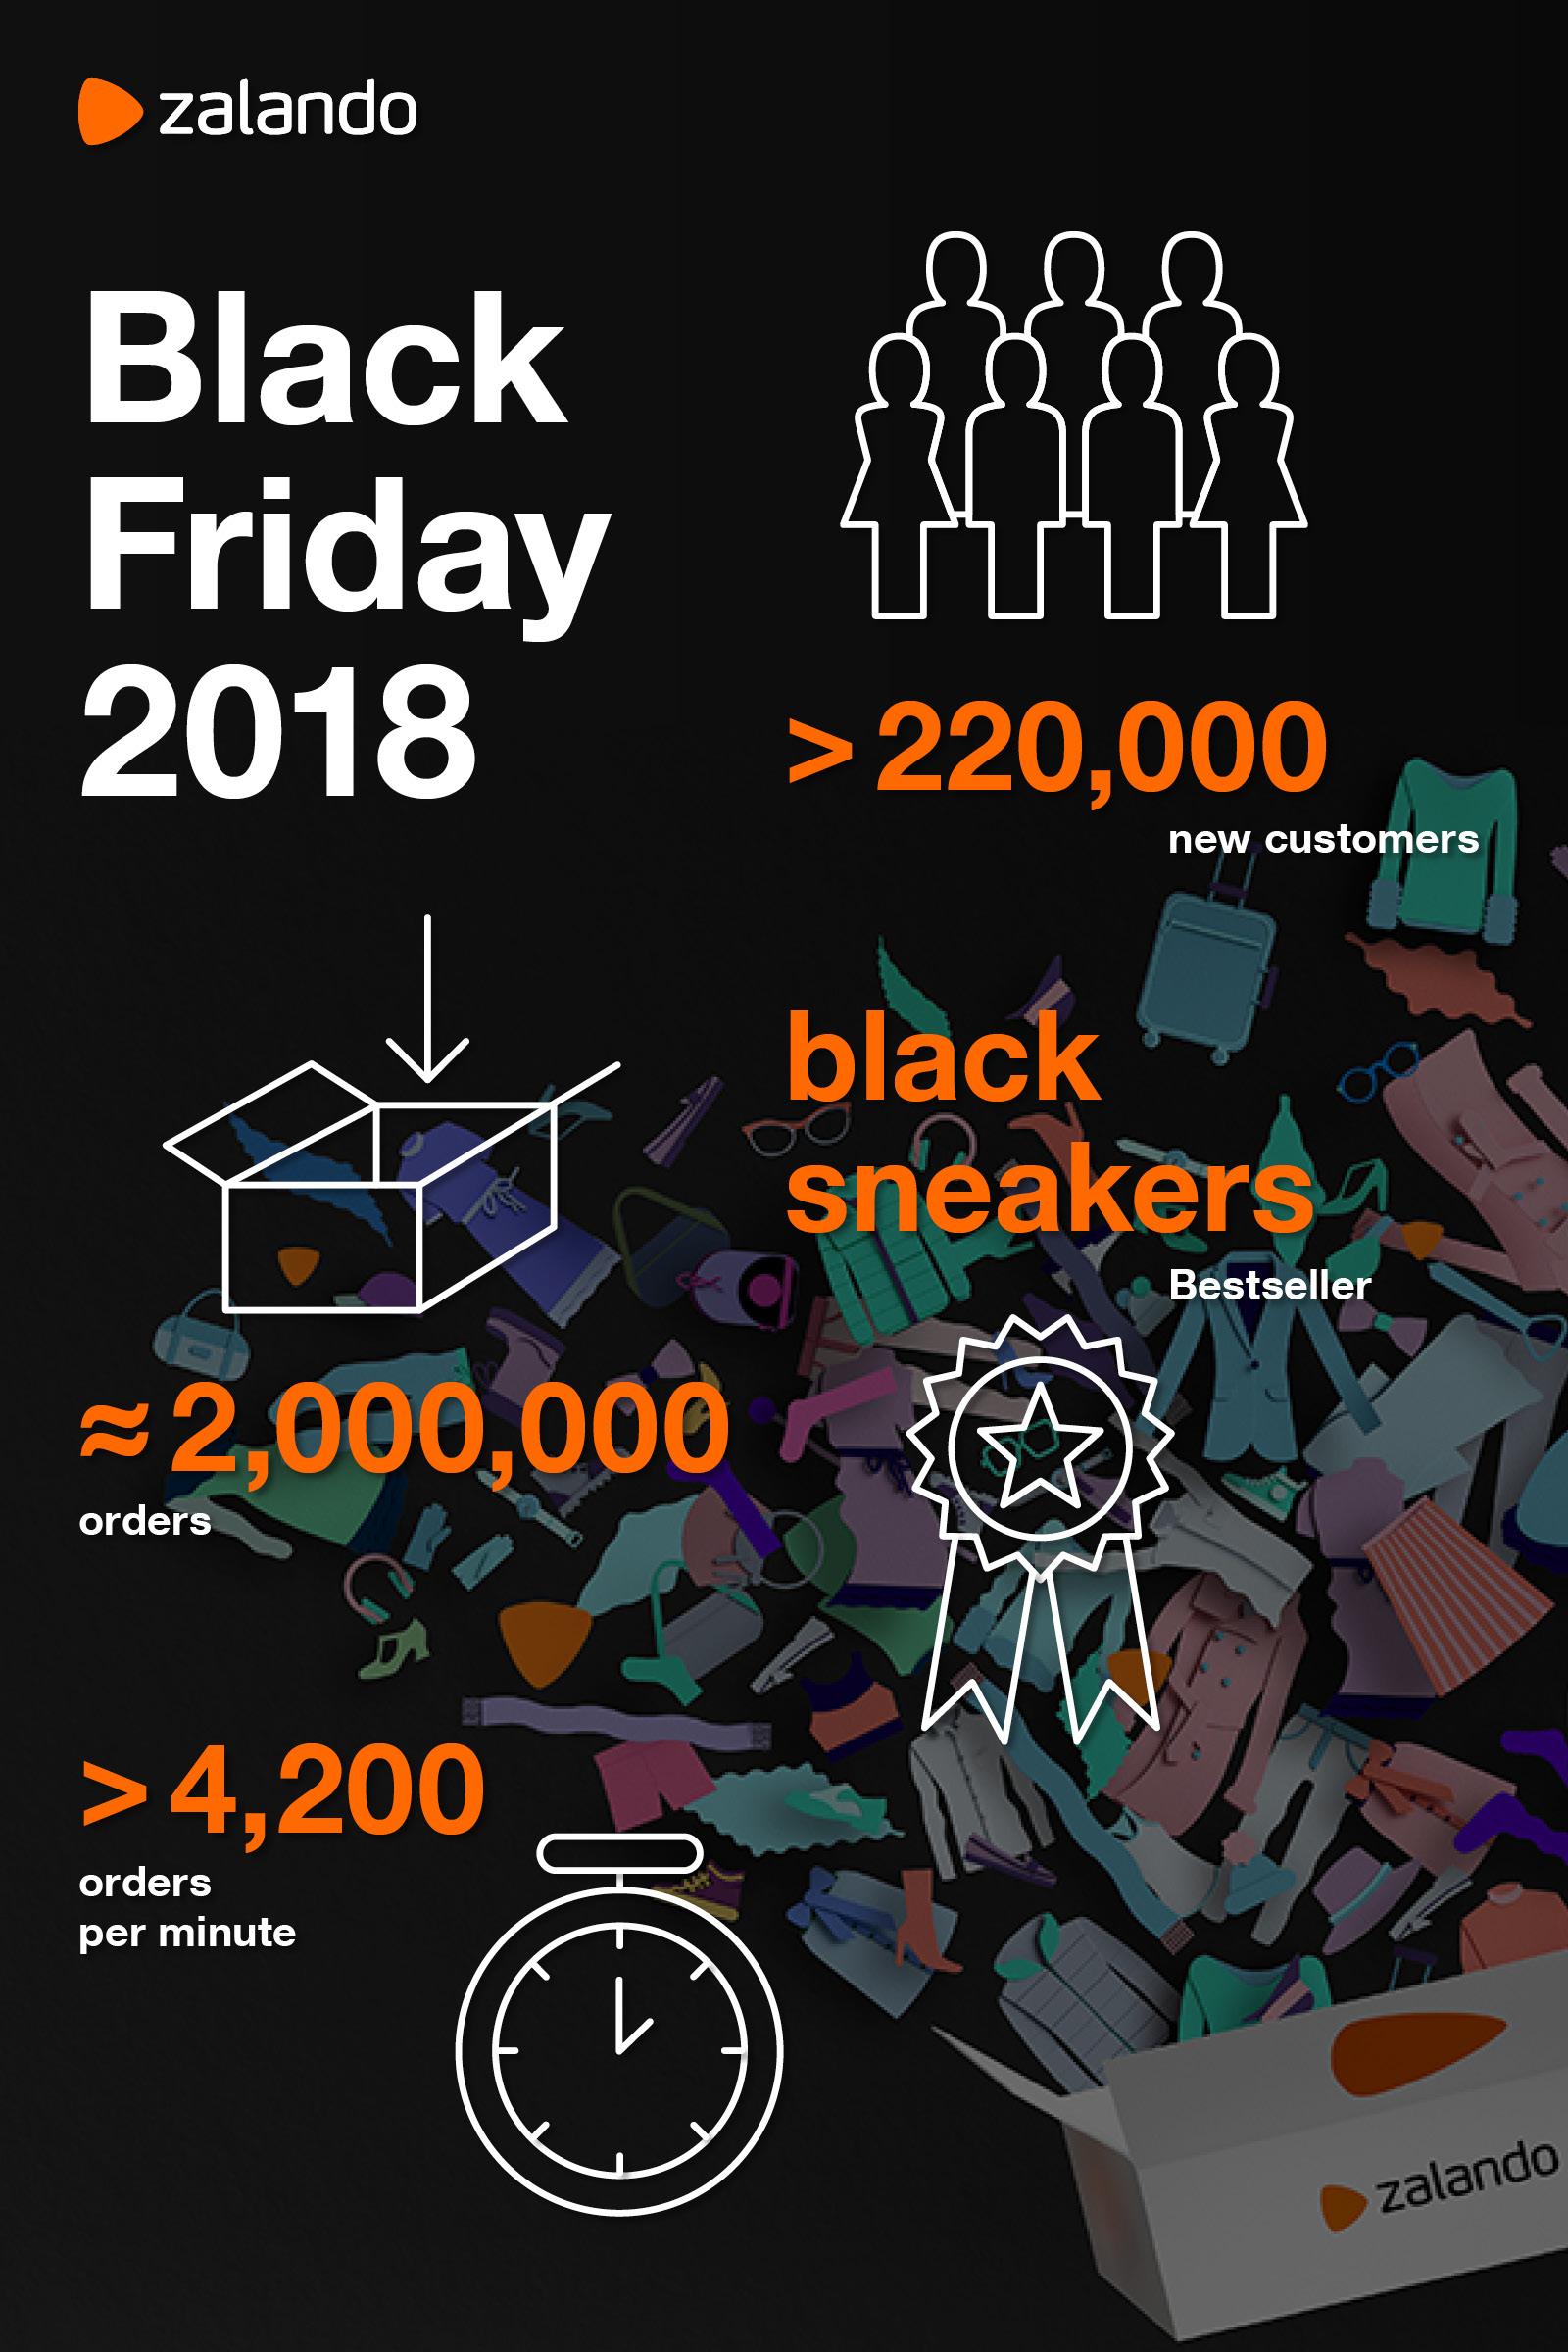 También Mirar furtivamente Cuarto  Zalando: Infographic: Zalando's Black Friday 2018 Results | Zalando  Corporate